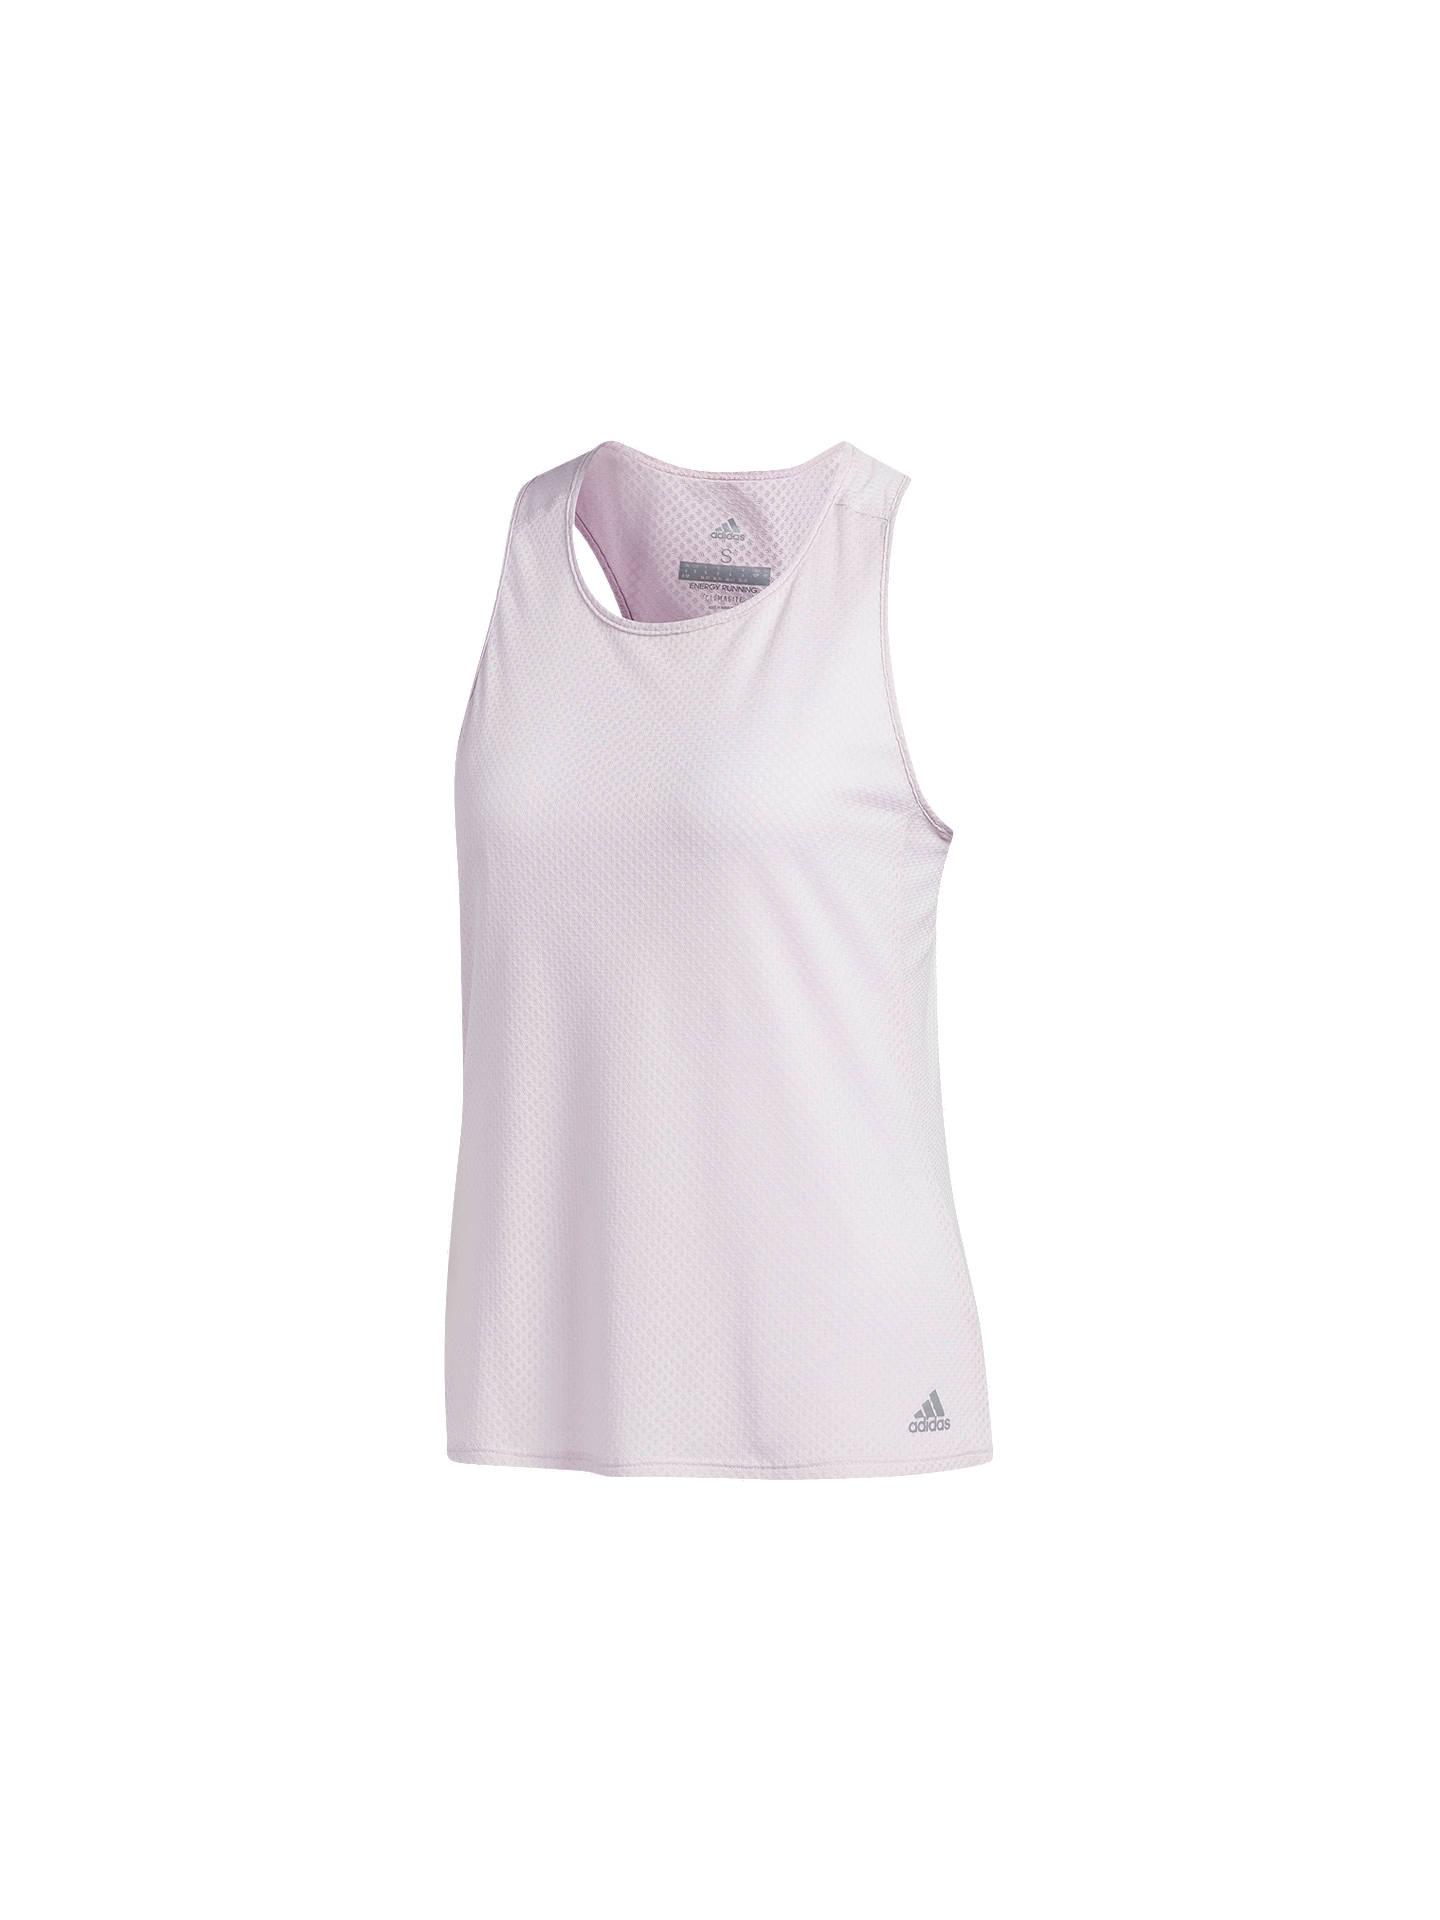 019b5818 Buy adidas Response Running T-Shirt, Aero Pink, XS Online at johnlewis.